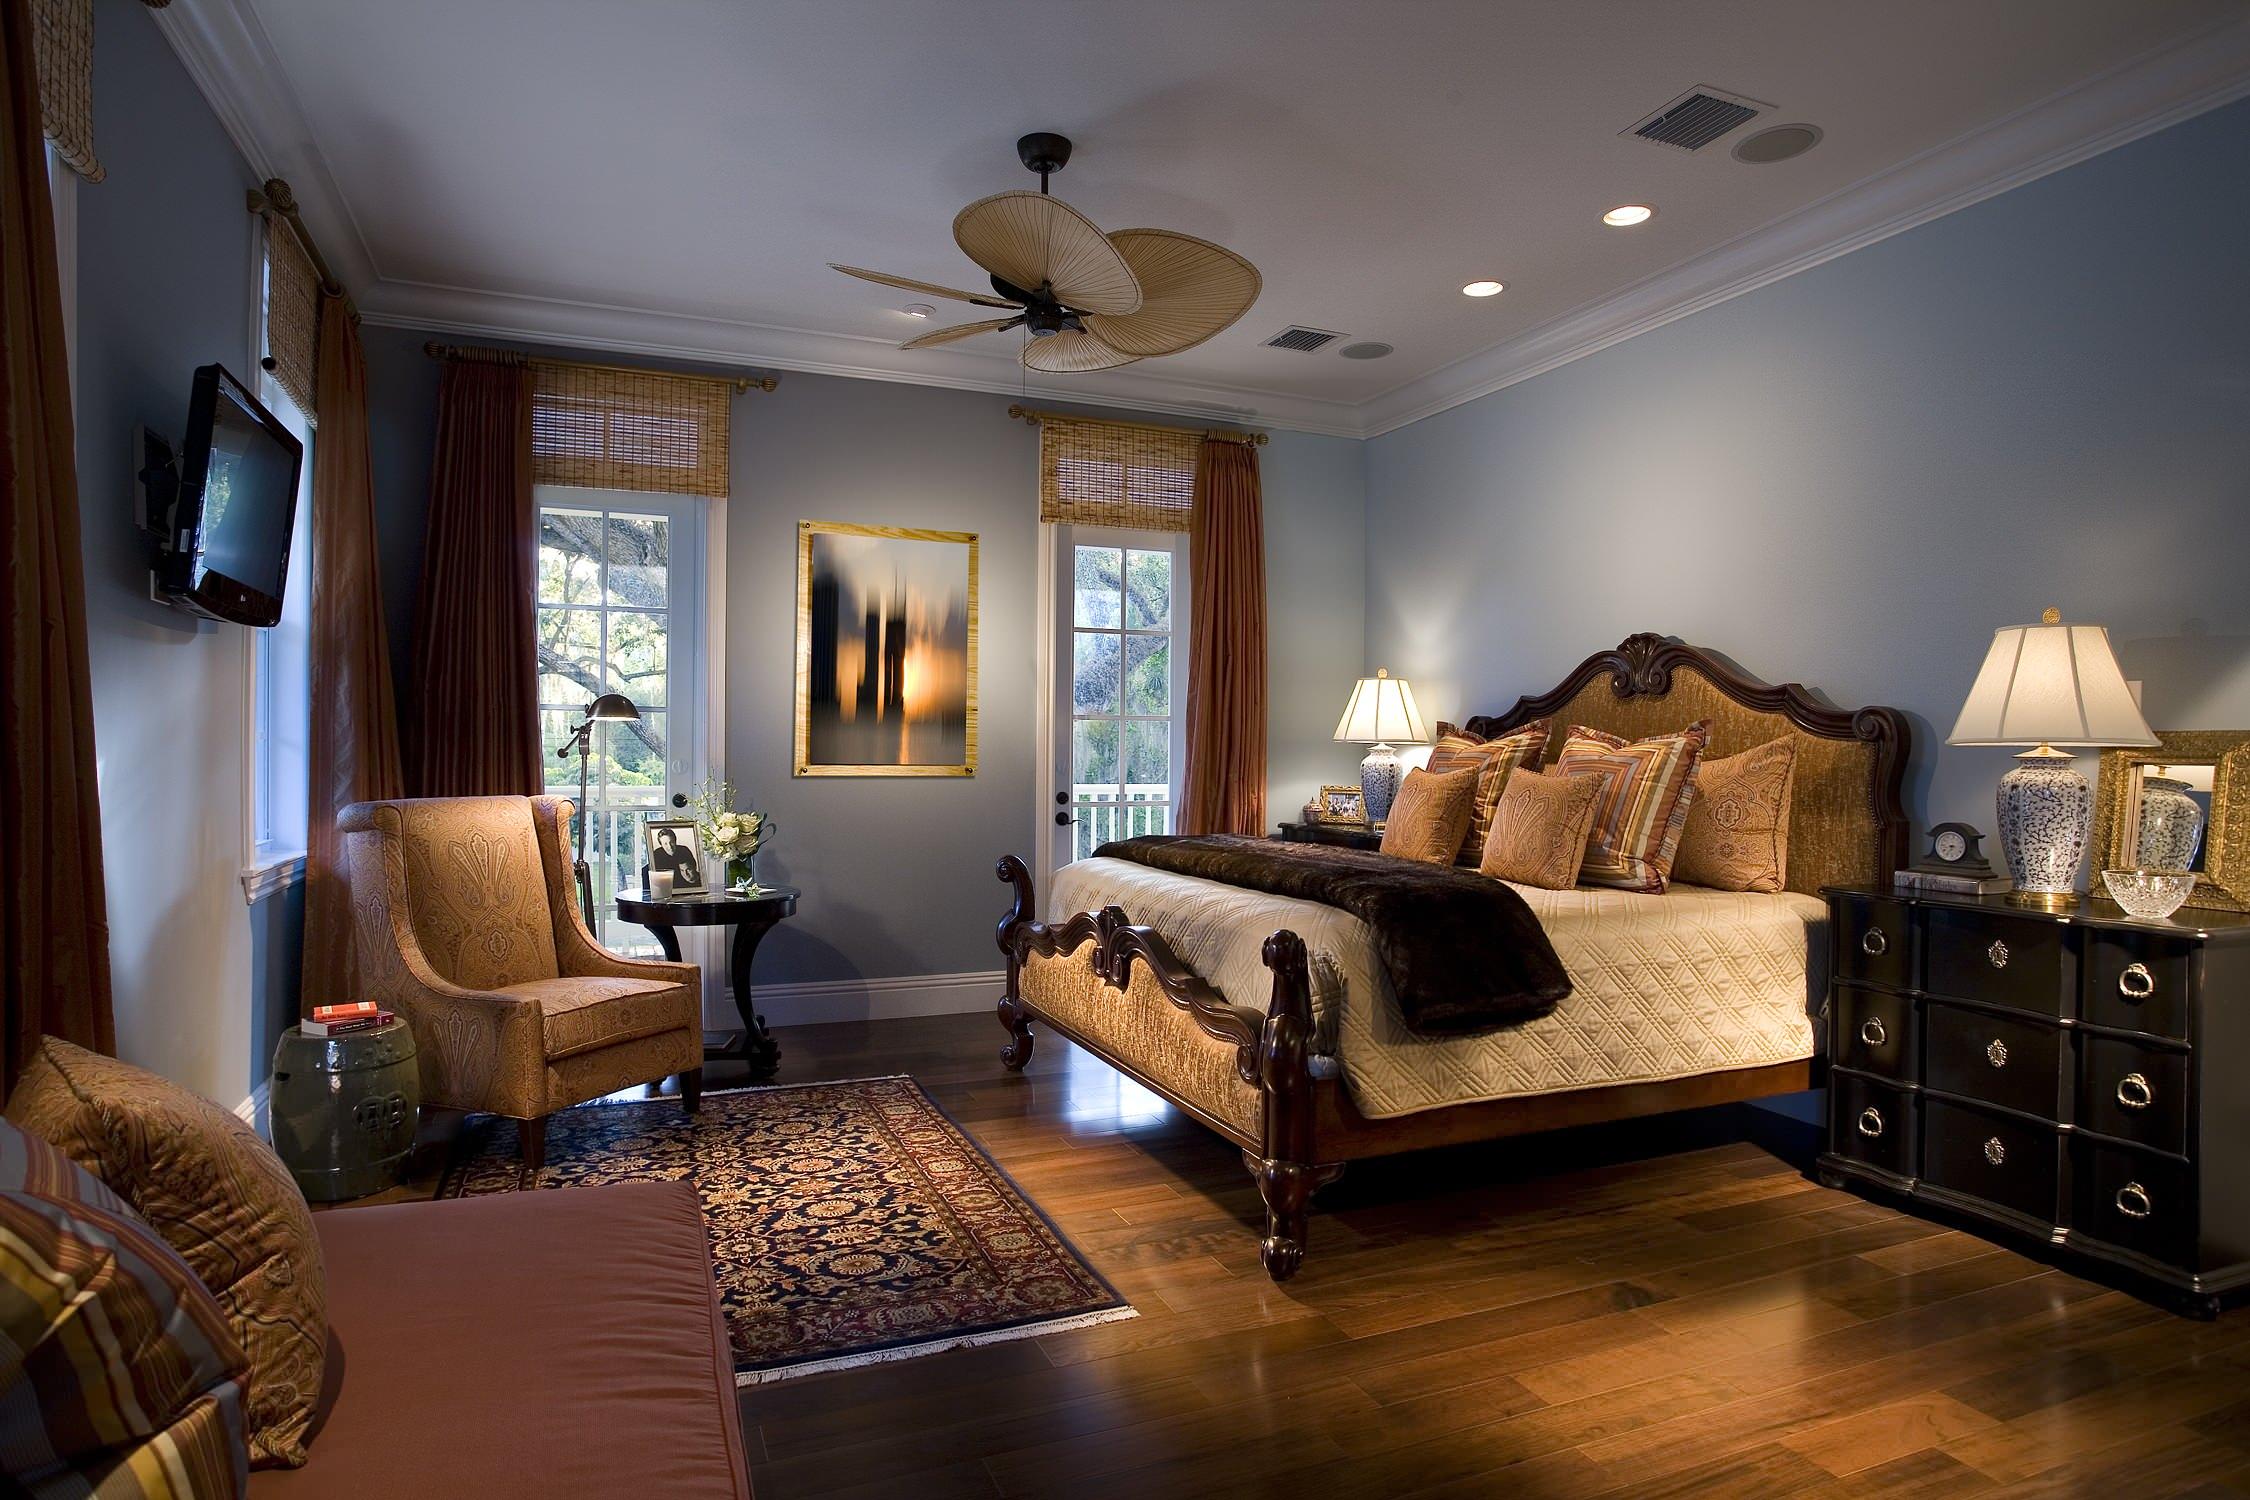 Бамбуковые шторы помогут сделать интерьер более уютным